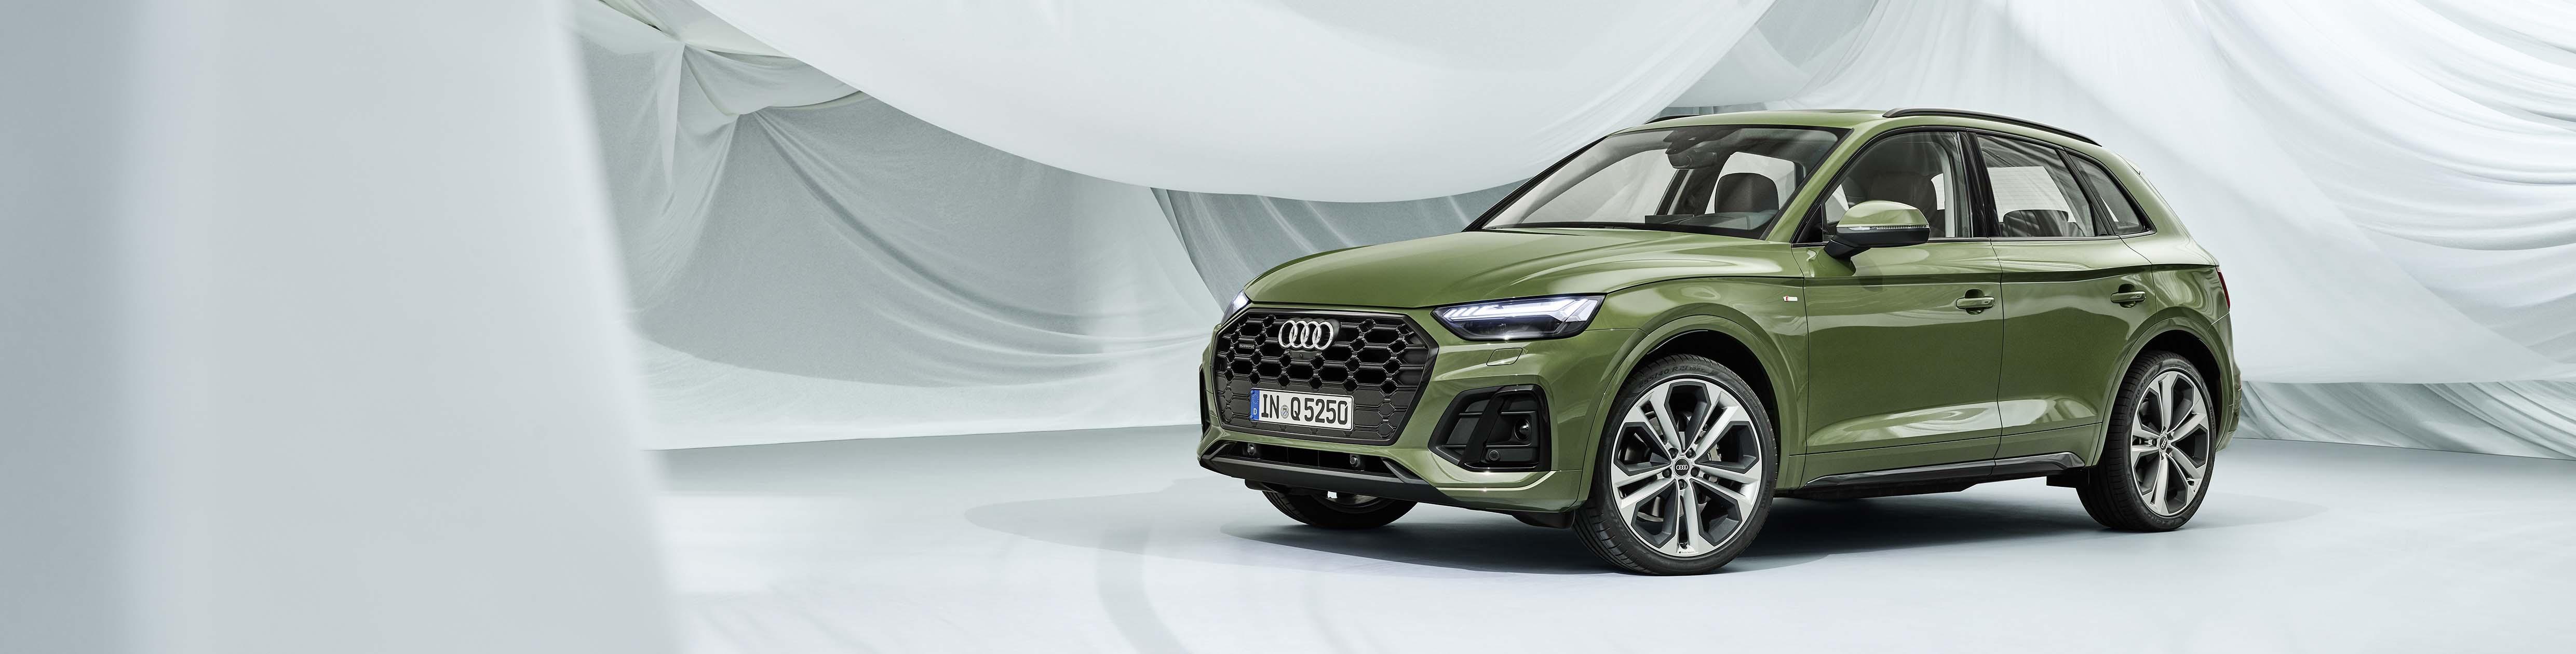 Offerte Audi Q5